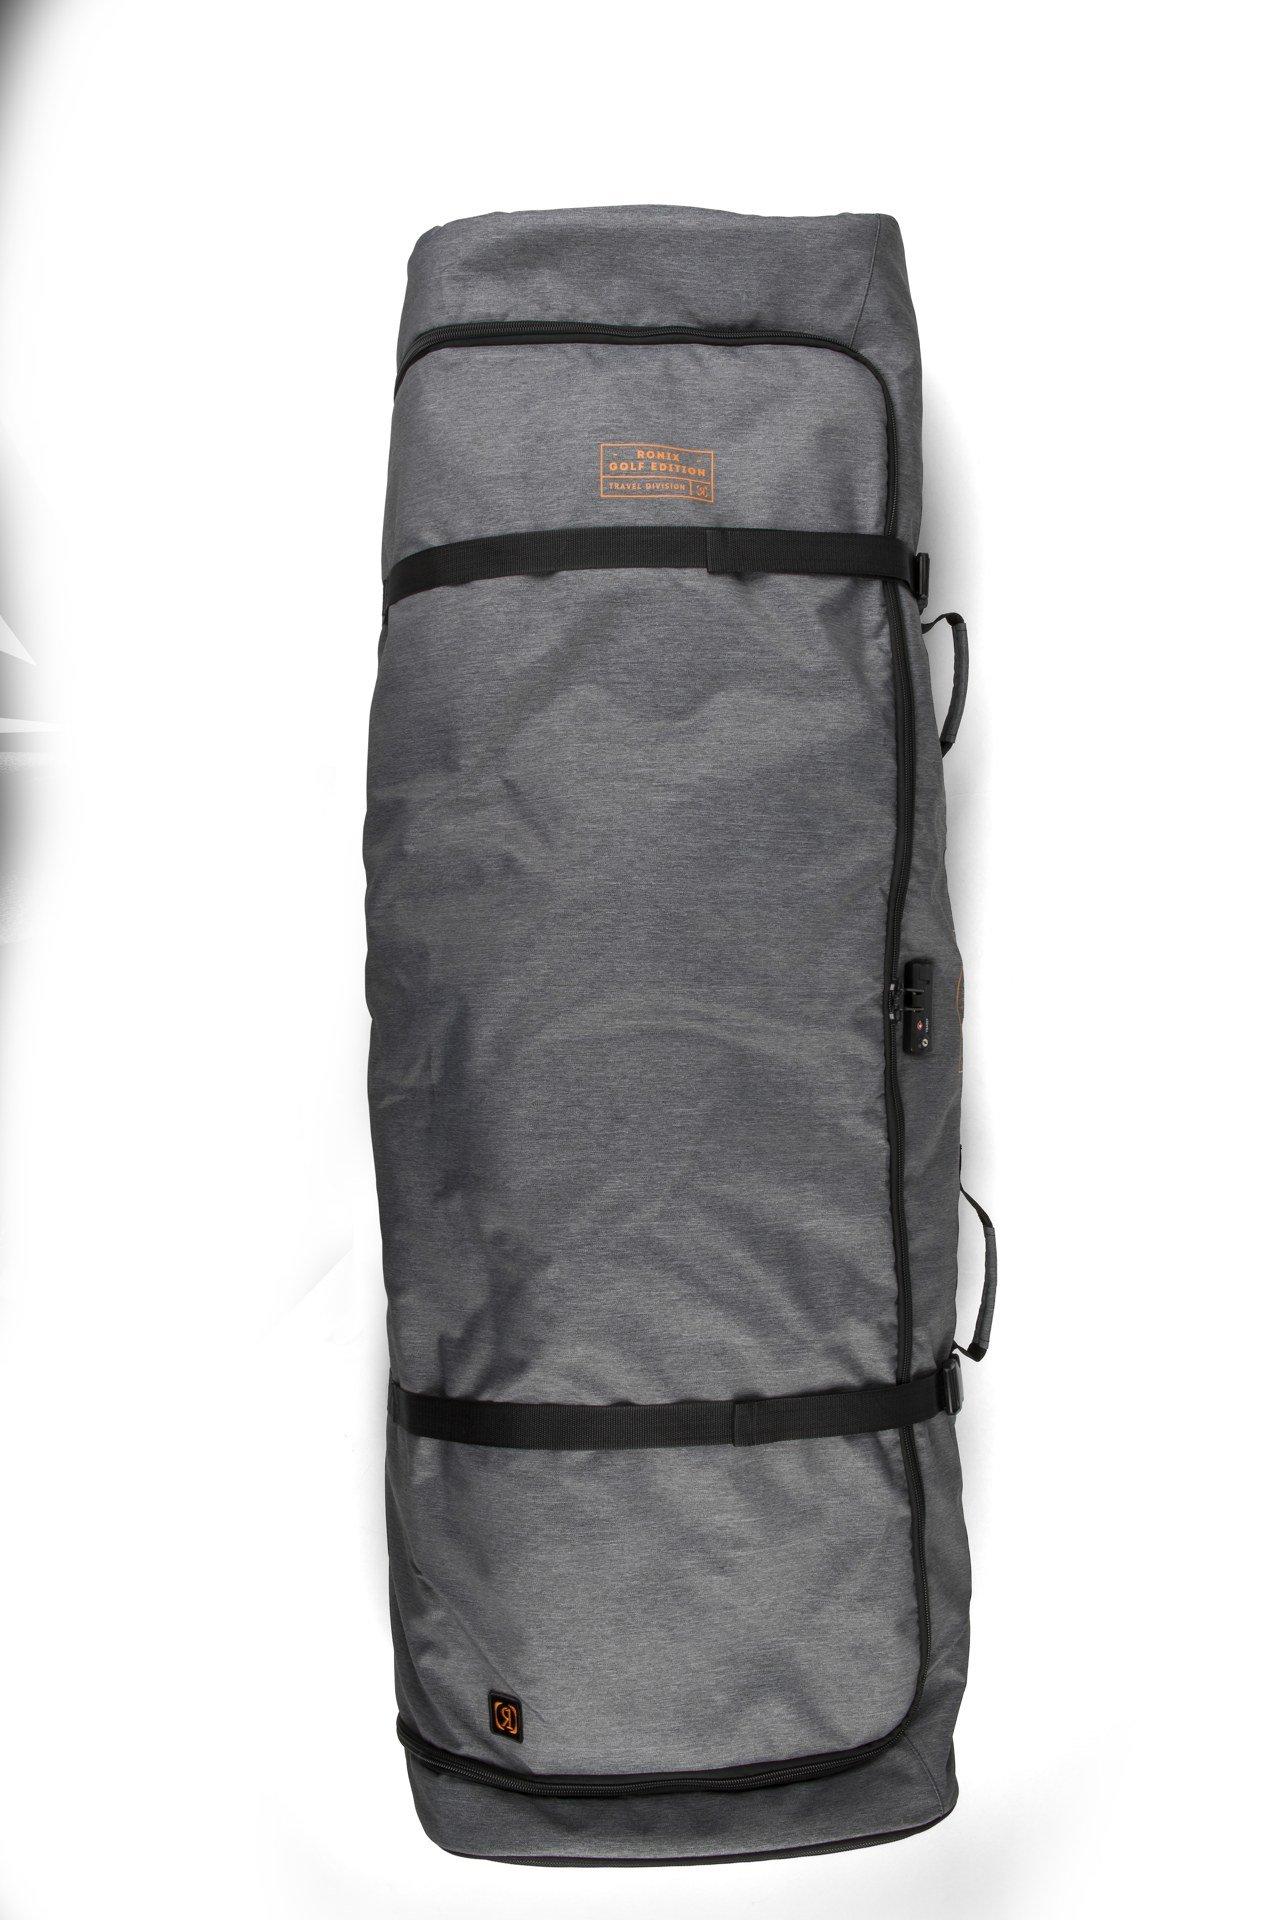 Ronix Links Padded Wheelie Wakeboard Bag